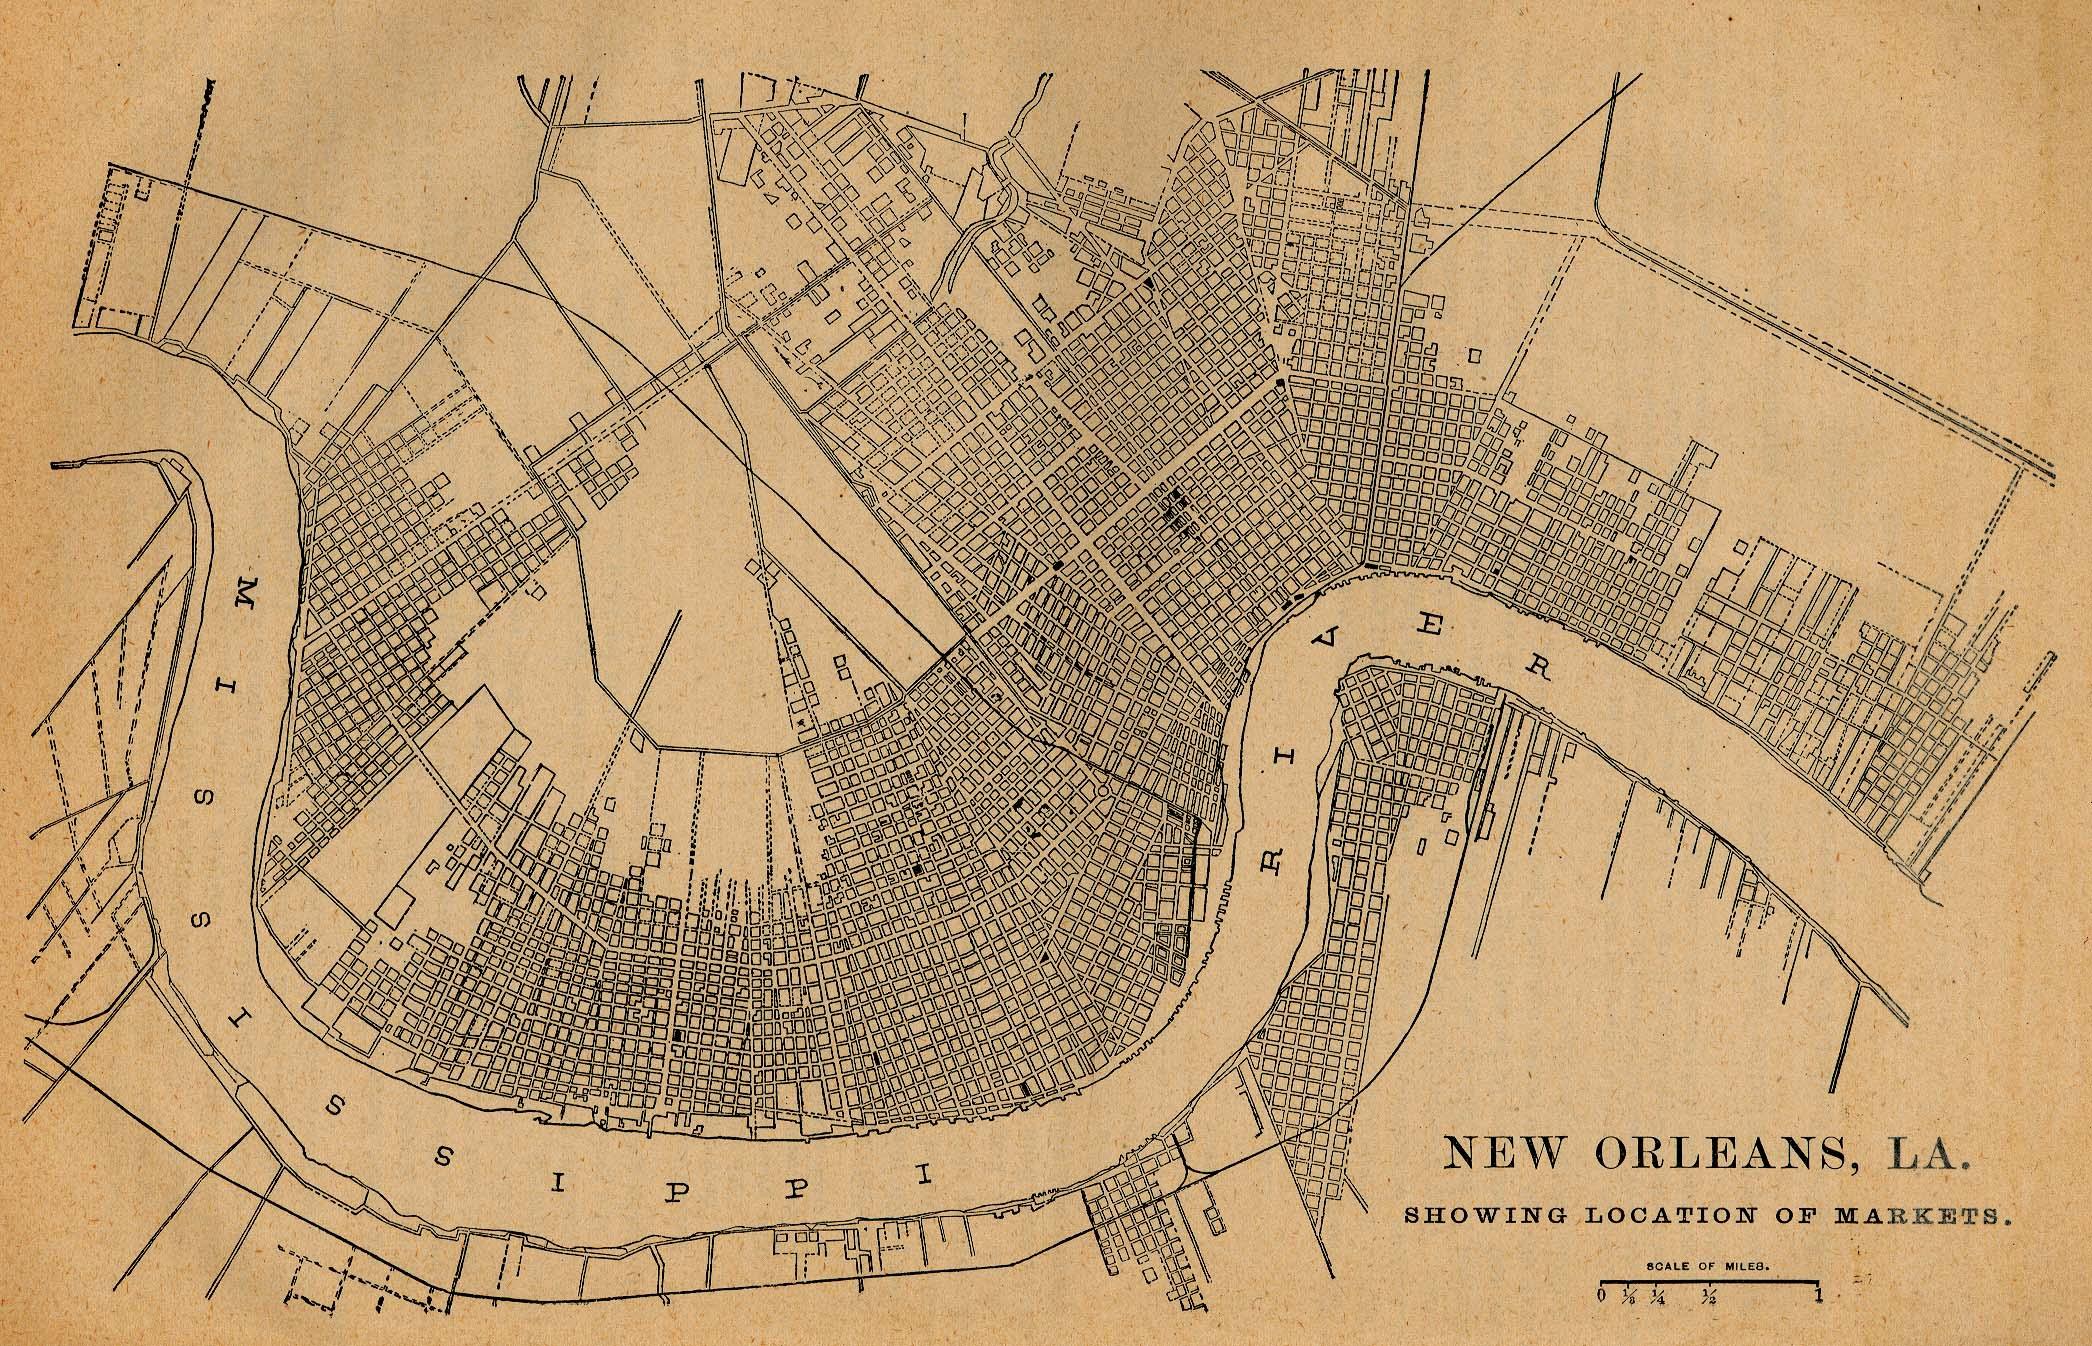 Mapa de Ubicación de los Mercados, Nueva Orleans, Luisiana, Estados Unidos 1880